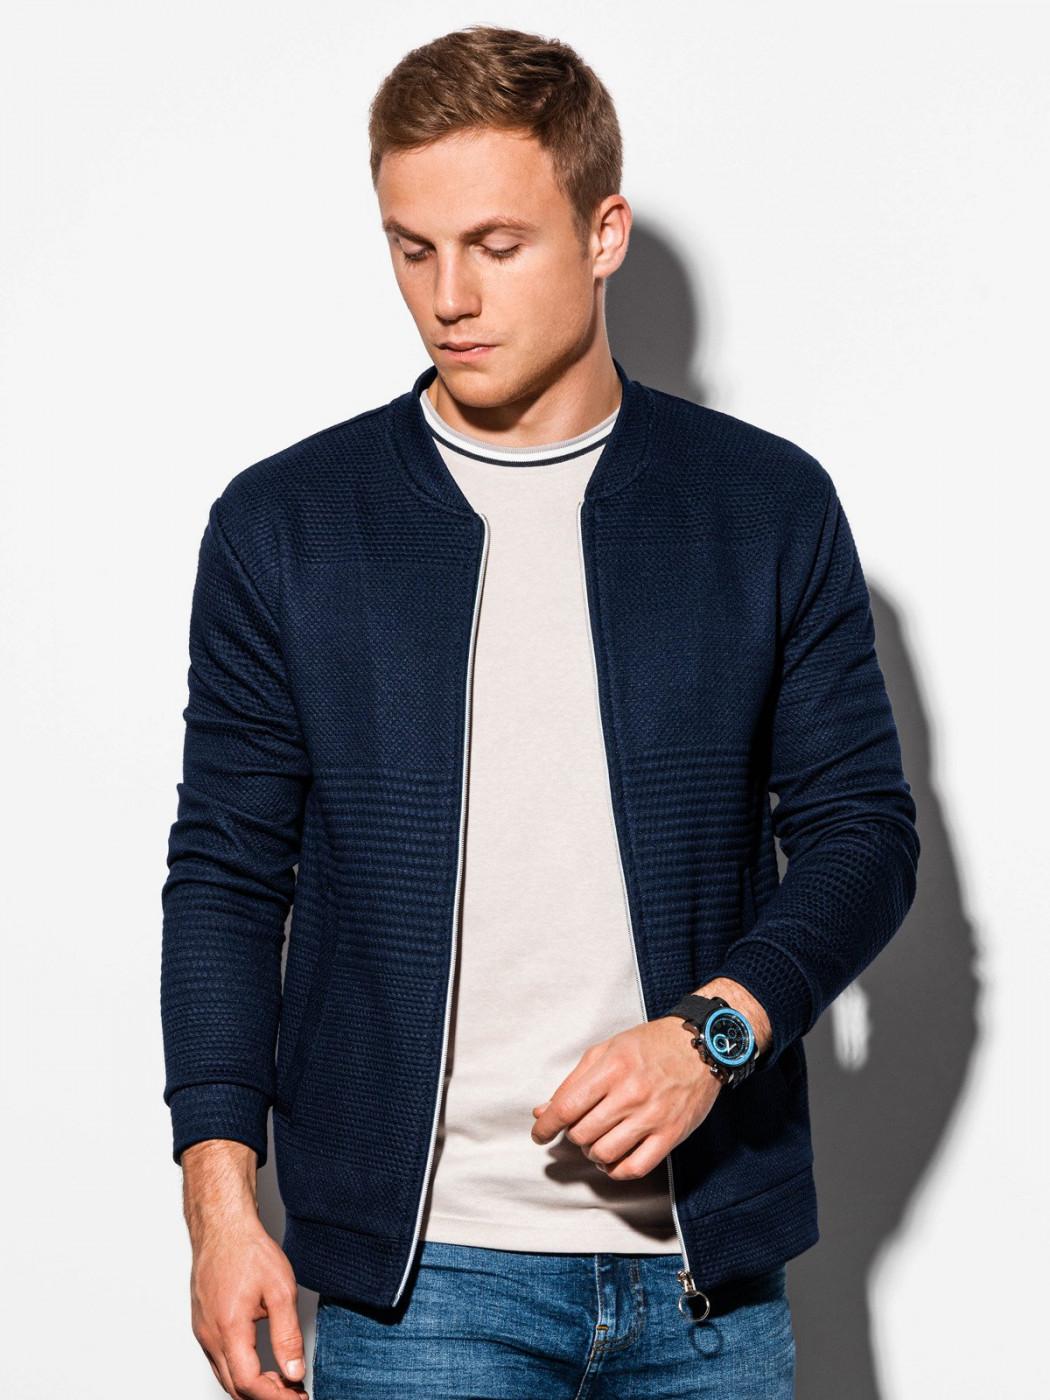 Ombre Clothing Men's zip-up sweatshirt B1095